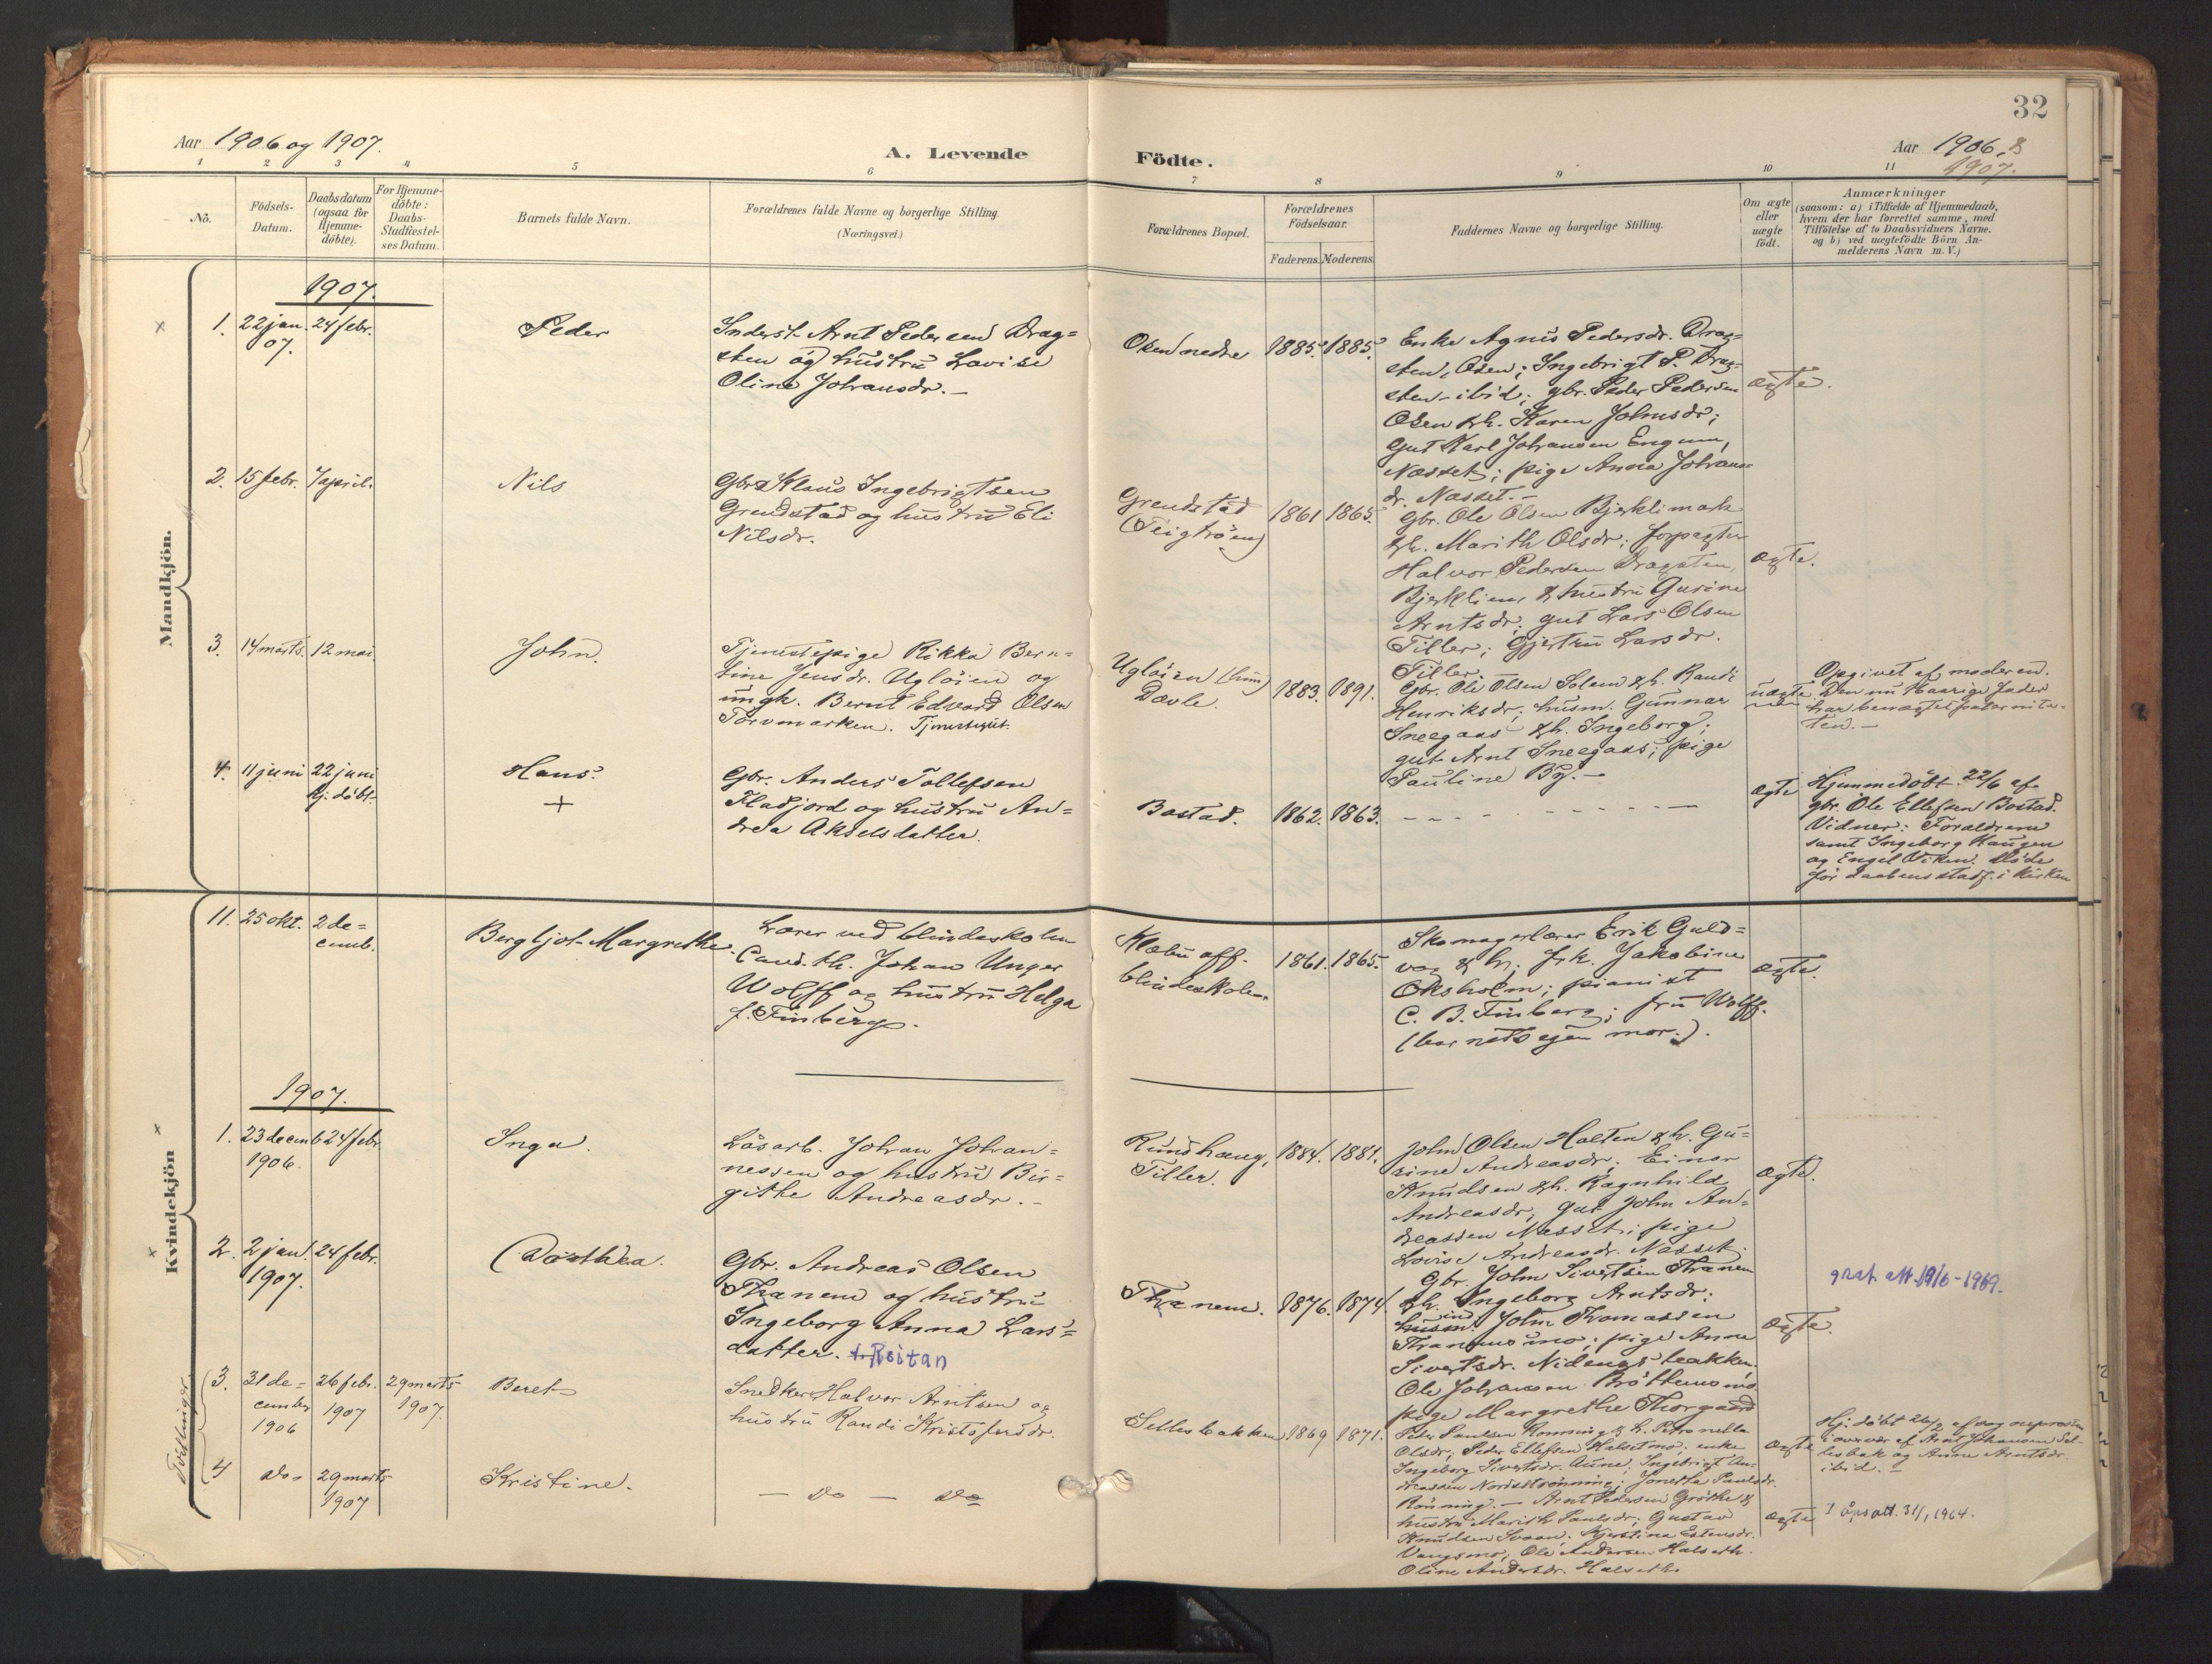 SAT, Ministerialprotokoller, klokkerbøker og fødselsregistre - Sør-Trøndelag, 618/L0448: Ministerialbok nr. 618A11, 1898-1916, s. 32